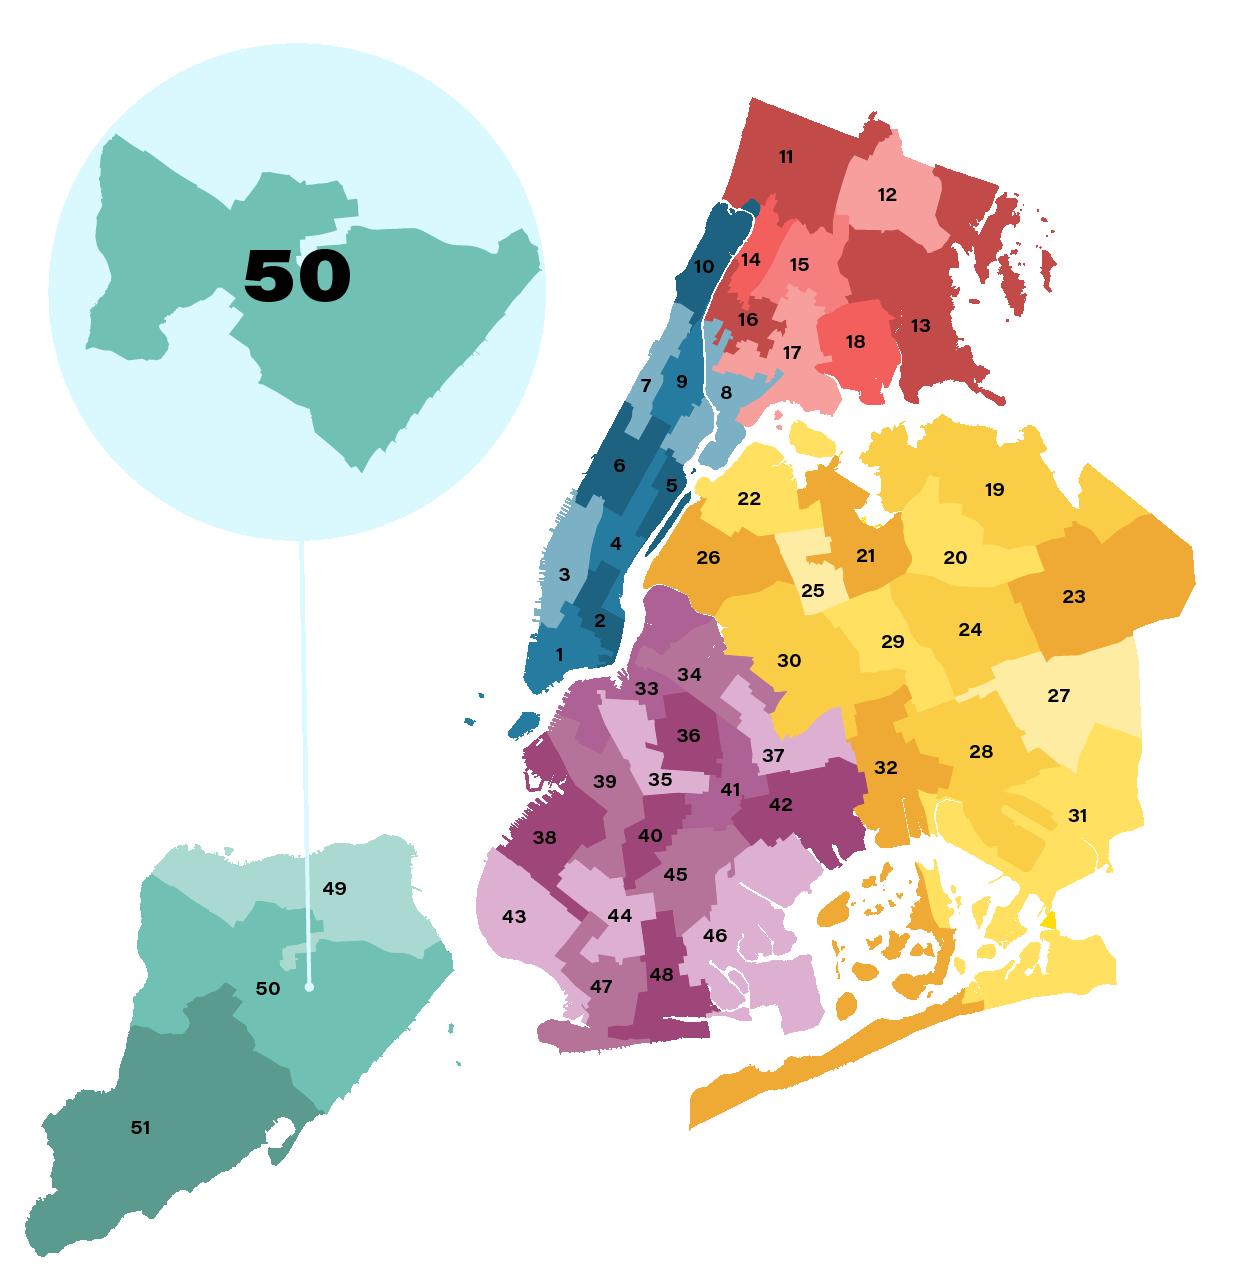 City Council District 50